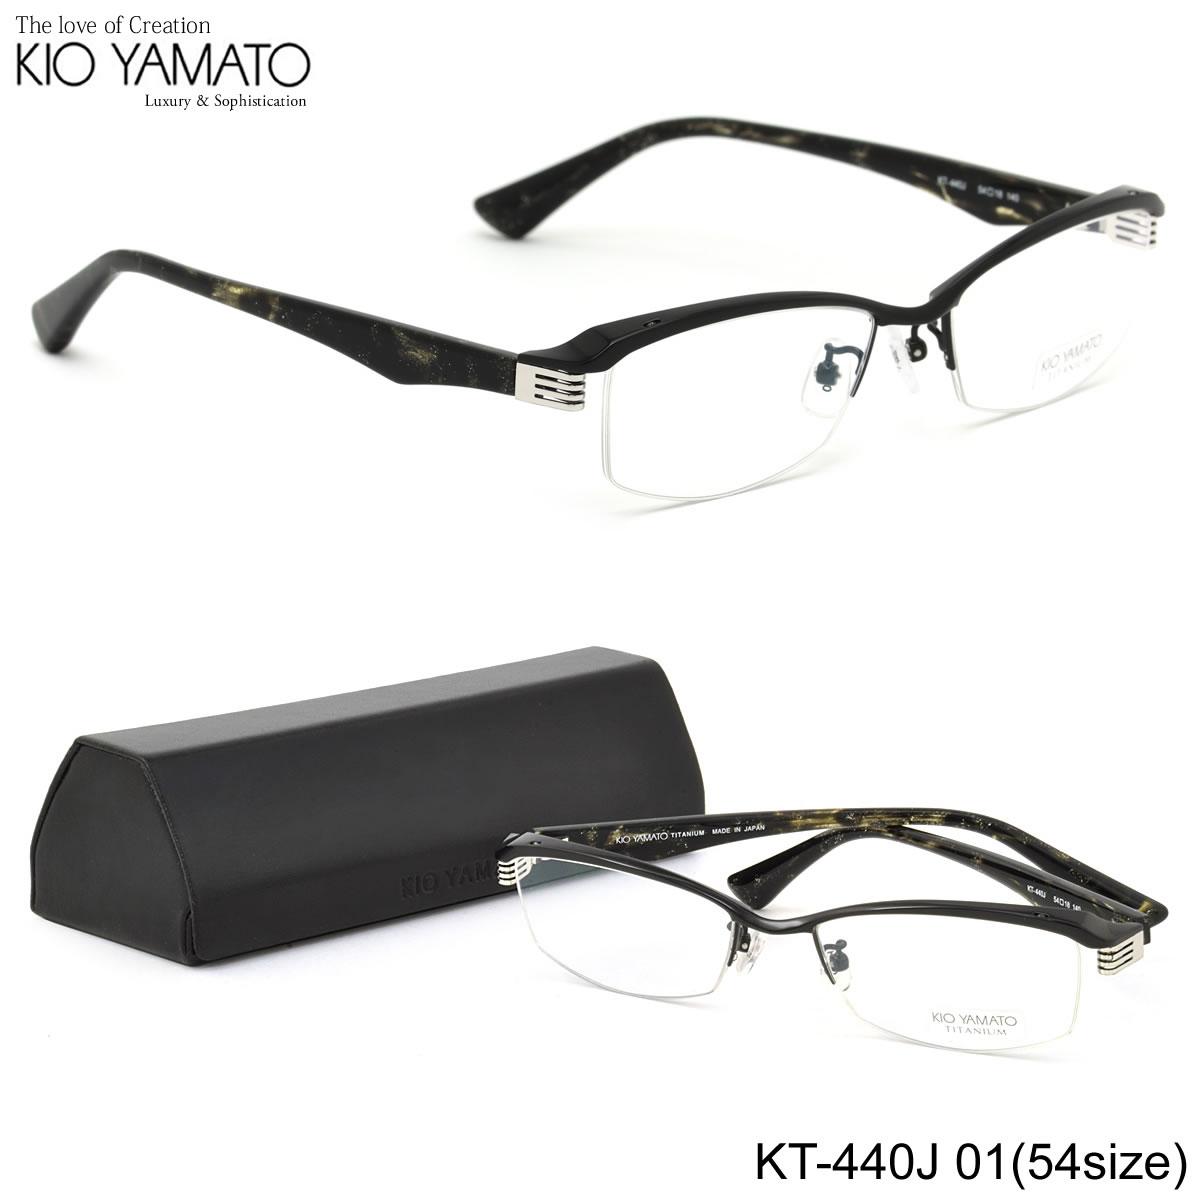 ほぼ全品ポイント15倍~最大43倍+3倍!お得なクーポンも! 【KIO YAMATO】(キオヤマト) メガネ フレーム KT-440J 01 54サイズ エアログライダー チタン 日本製 眼鏡 キオヤマト KIO YAMATO メンズ レディース